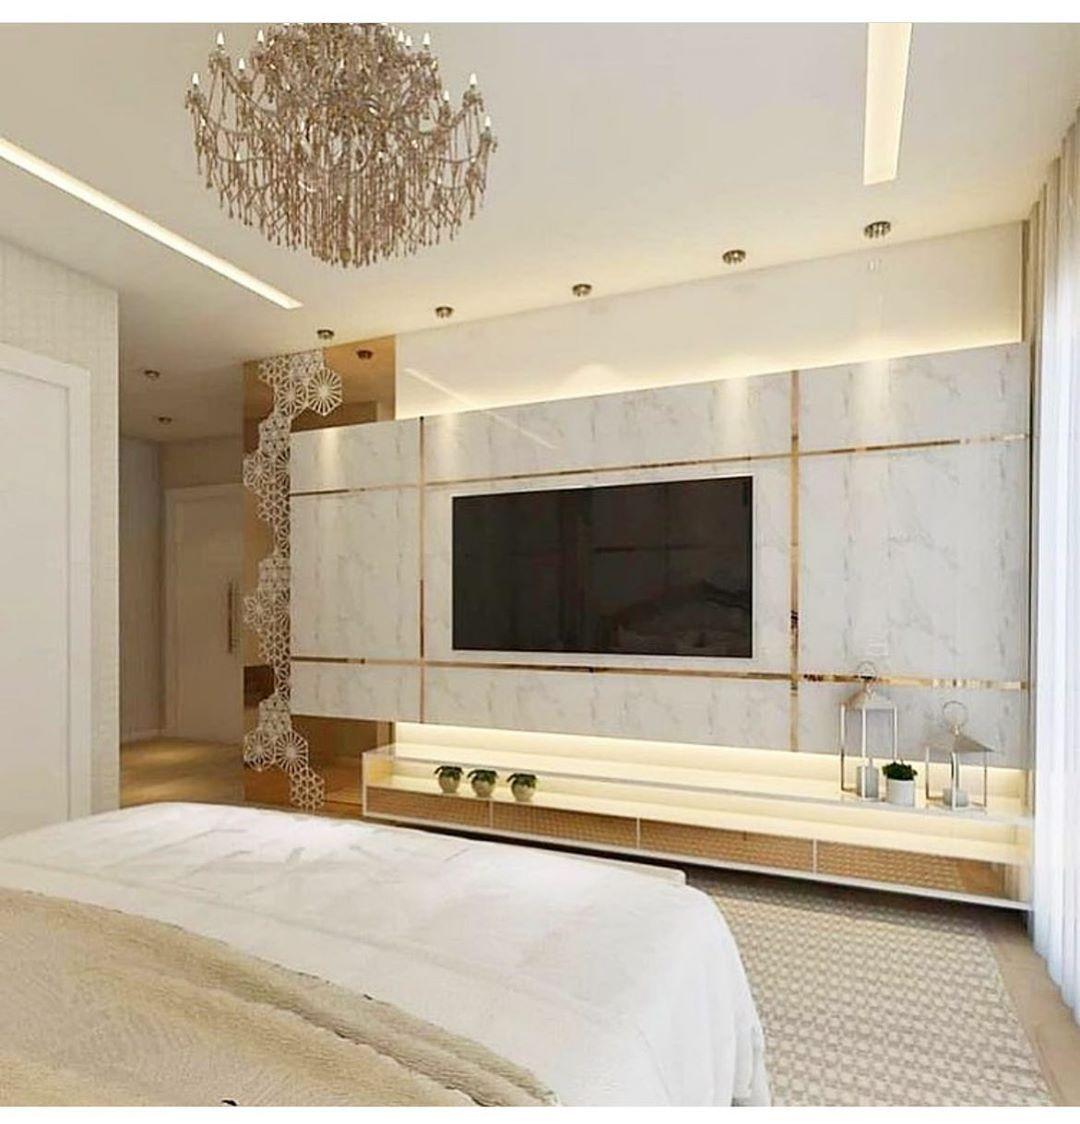 تبحثين عن باركيه لبيتك عليك بنوبلس فروعهم في الرياض وجدة والدمام والمدينة والقصيم ورقمهم 92 Bedroom Tv Wall Luxury Bedroom Design Luxurious Bedrooms Modern luxury bridal room